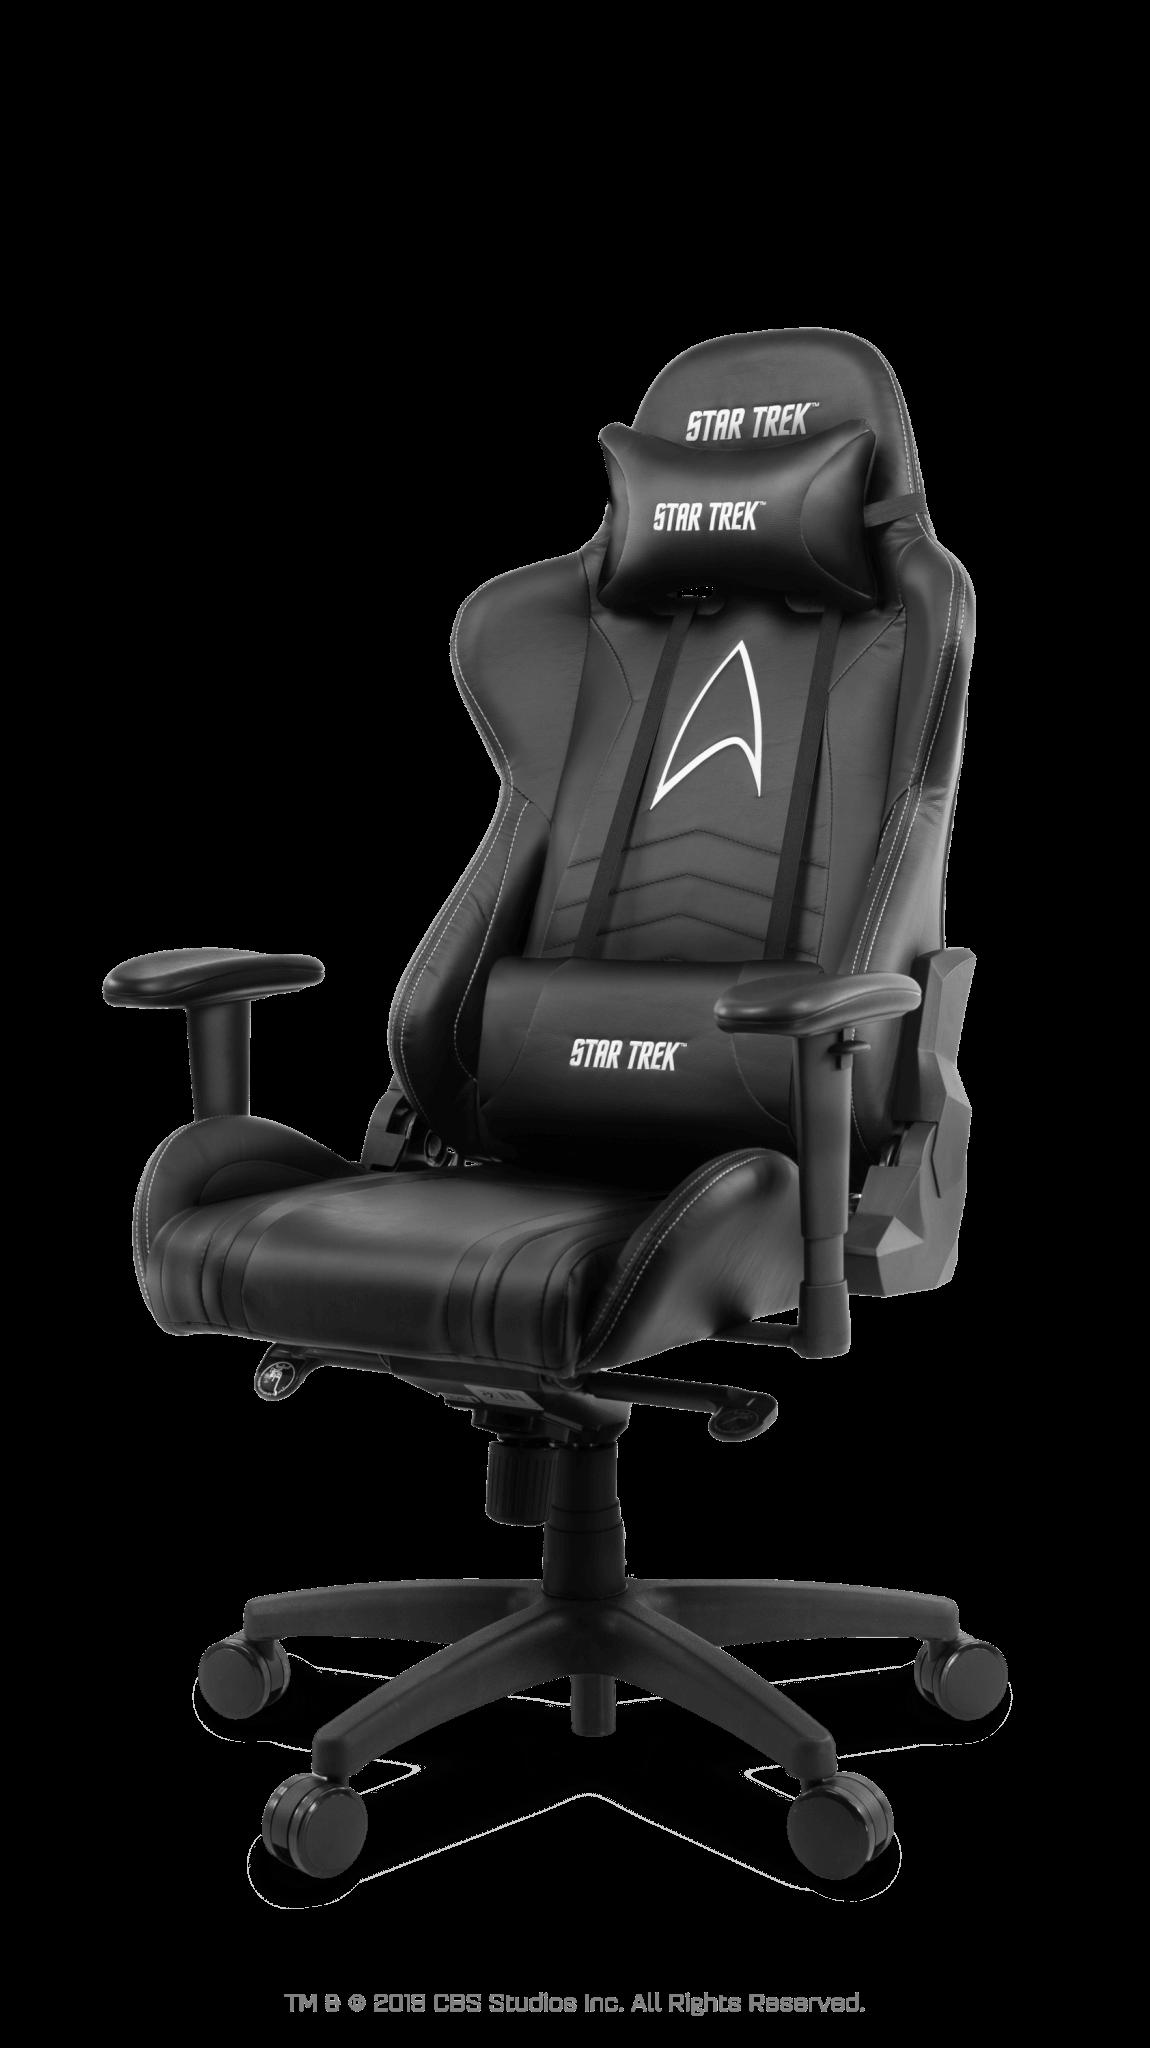 Scaun Gaming Arozzi Star Trek Edition - Black